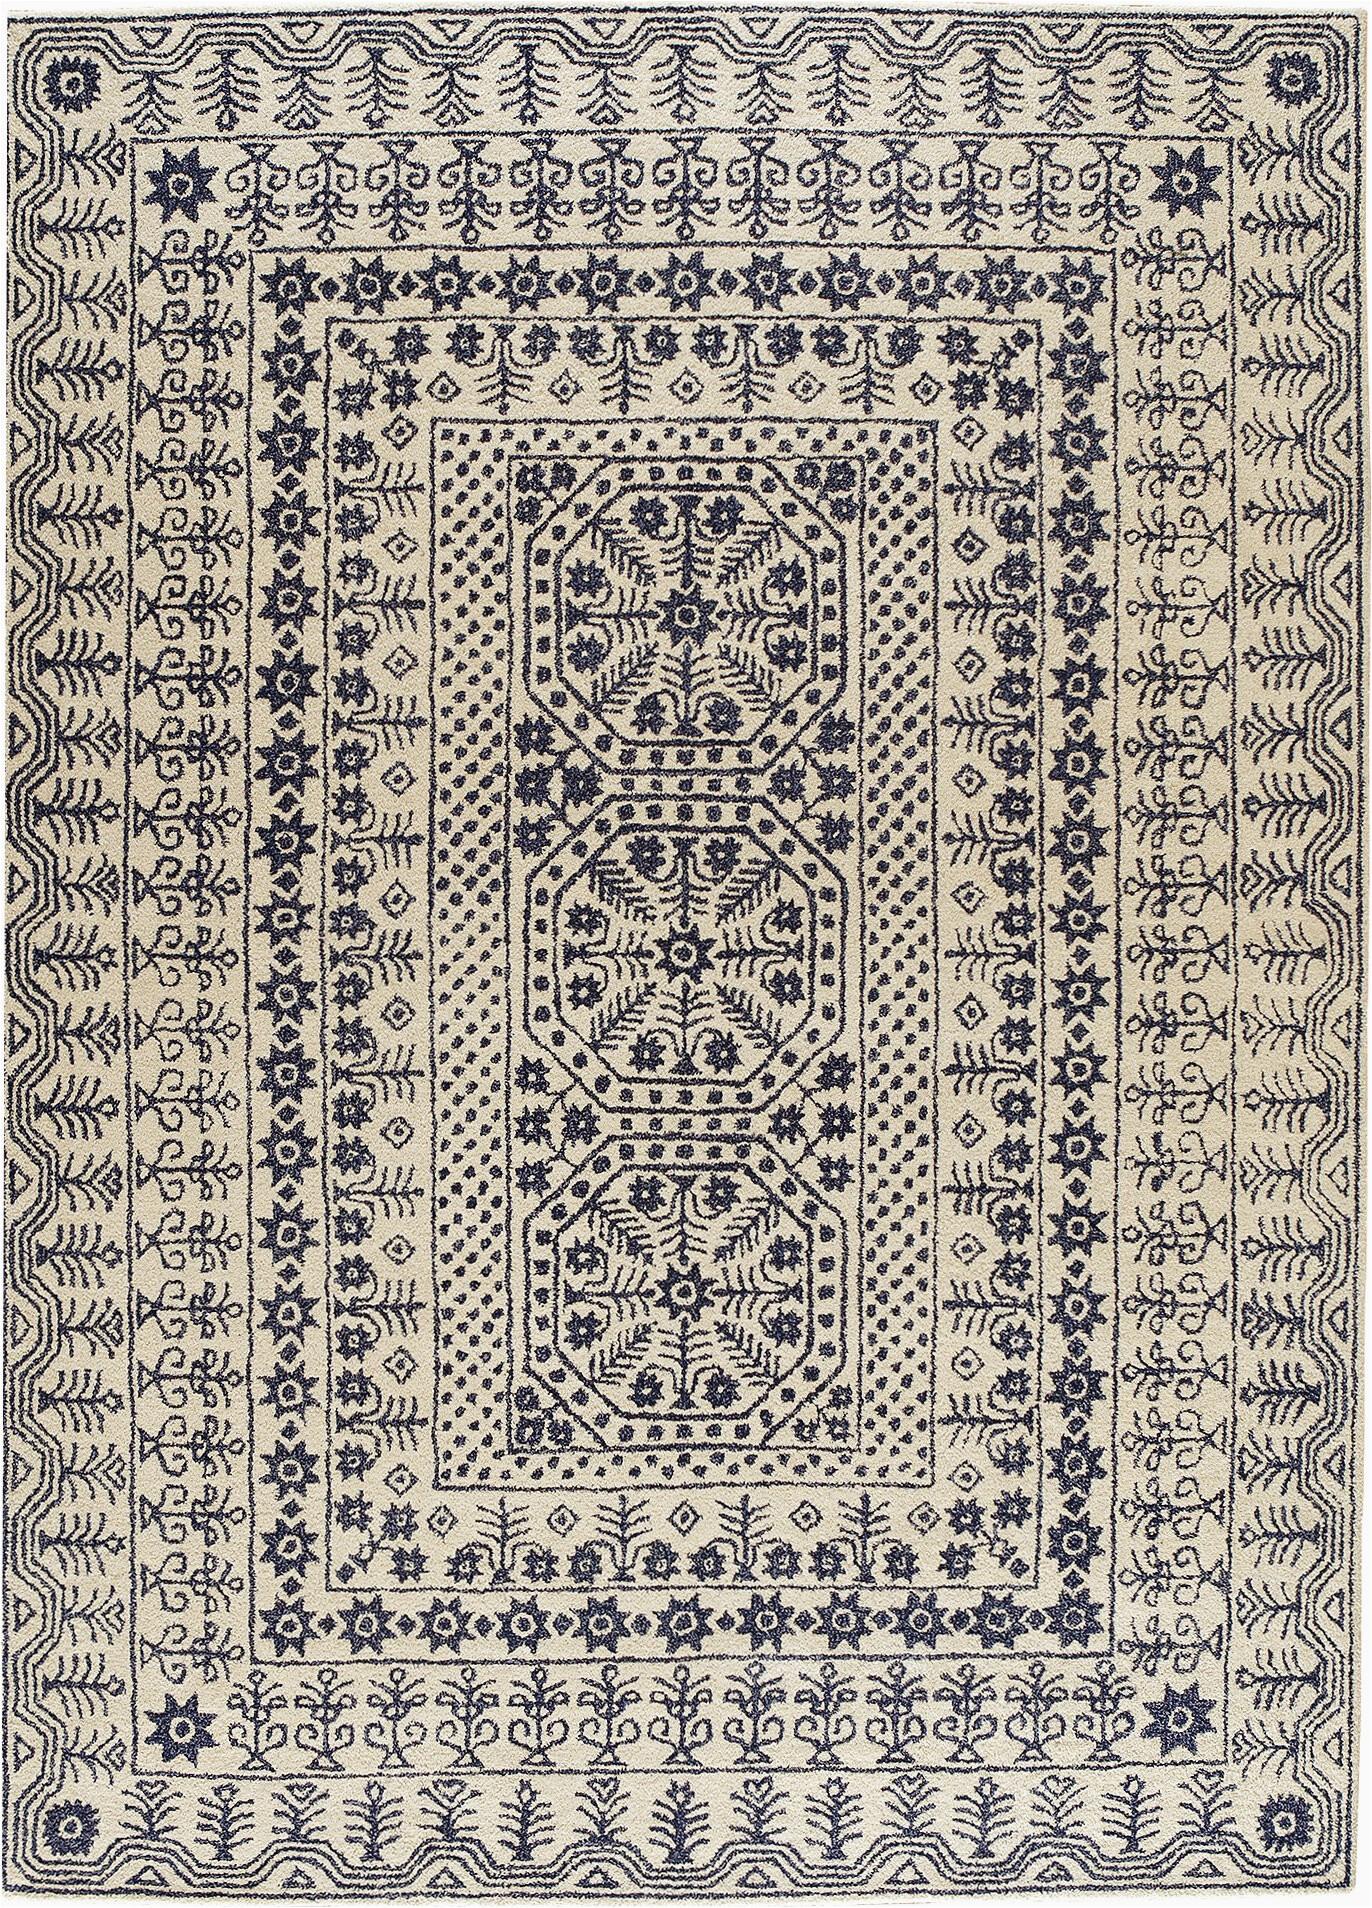 Yadira Tufted Wool area Rug Yadira Ikat Handmade Tufted Wool Denim Khaki area Rug